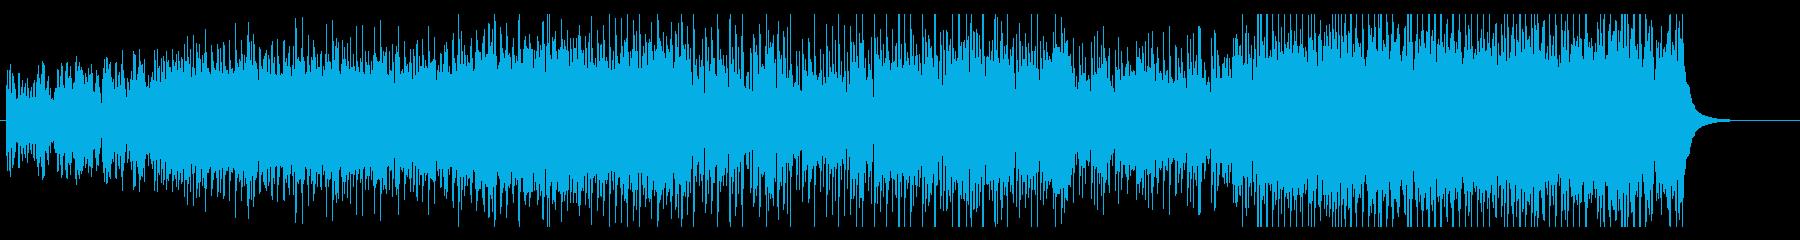 ジングルベル ライトなテクノの再生済みの波形